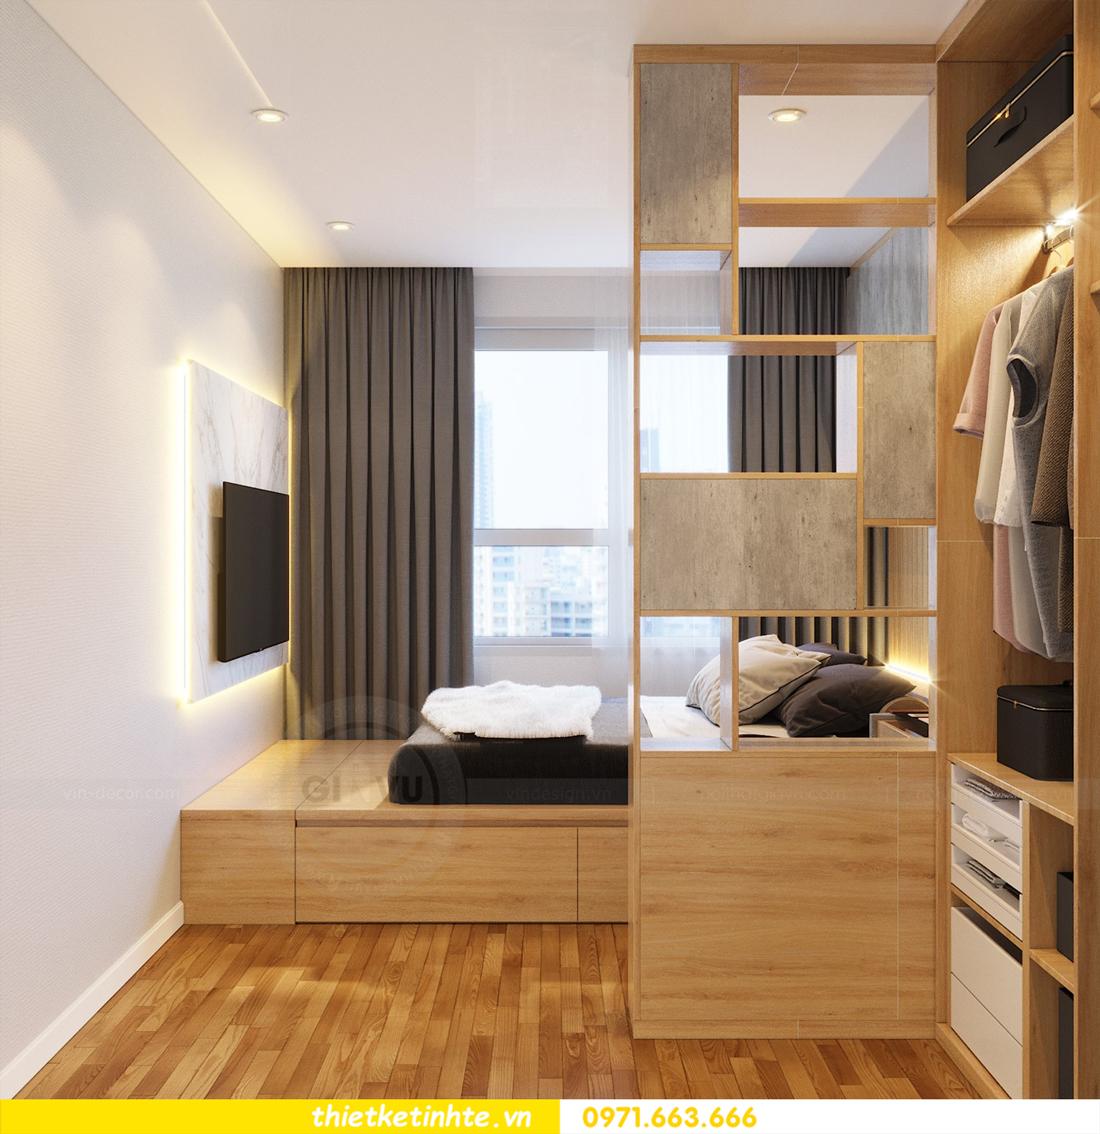 thiết kế nội thất tòa C7 căn 05 chung cư D Capitale 9